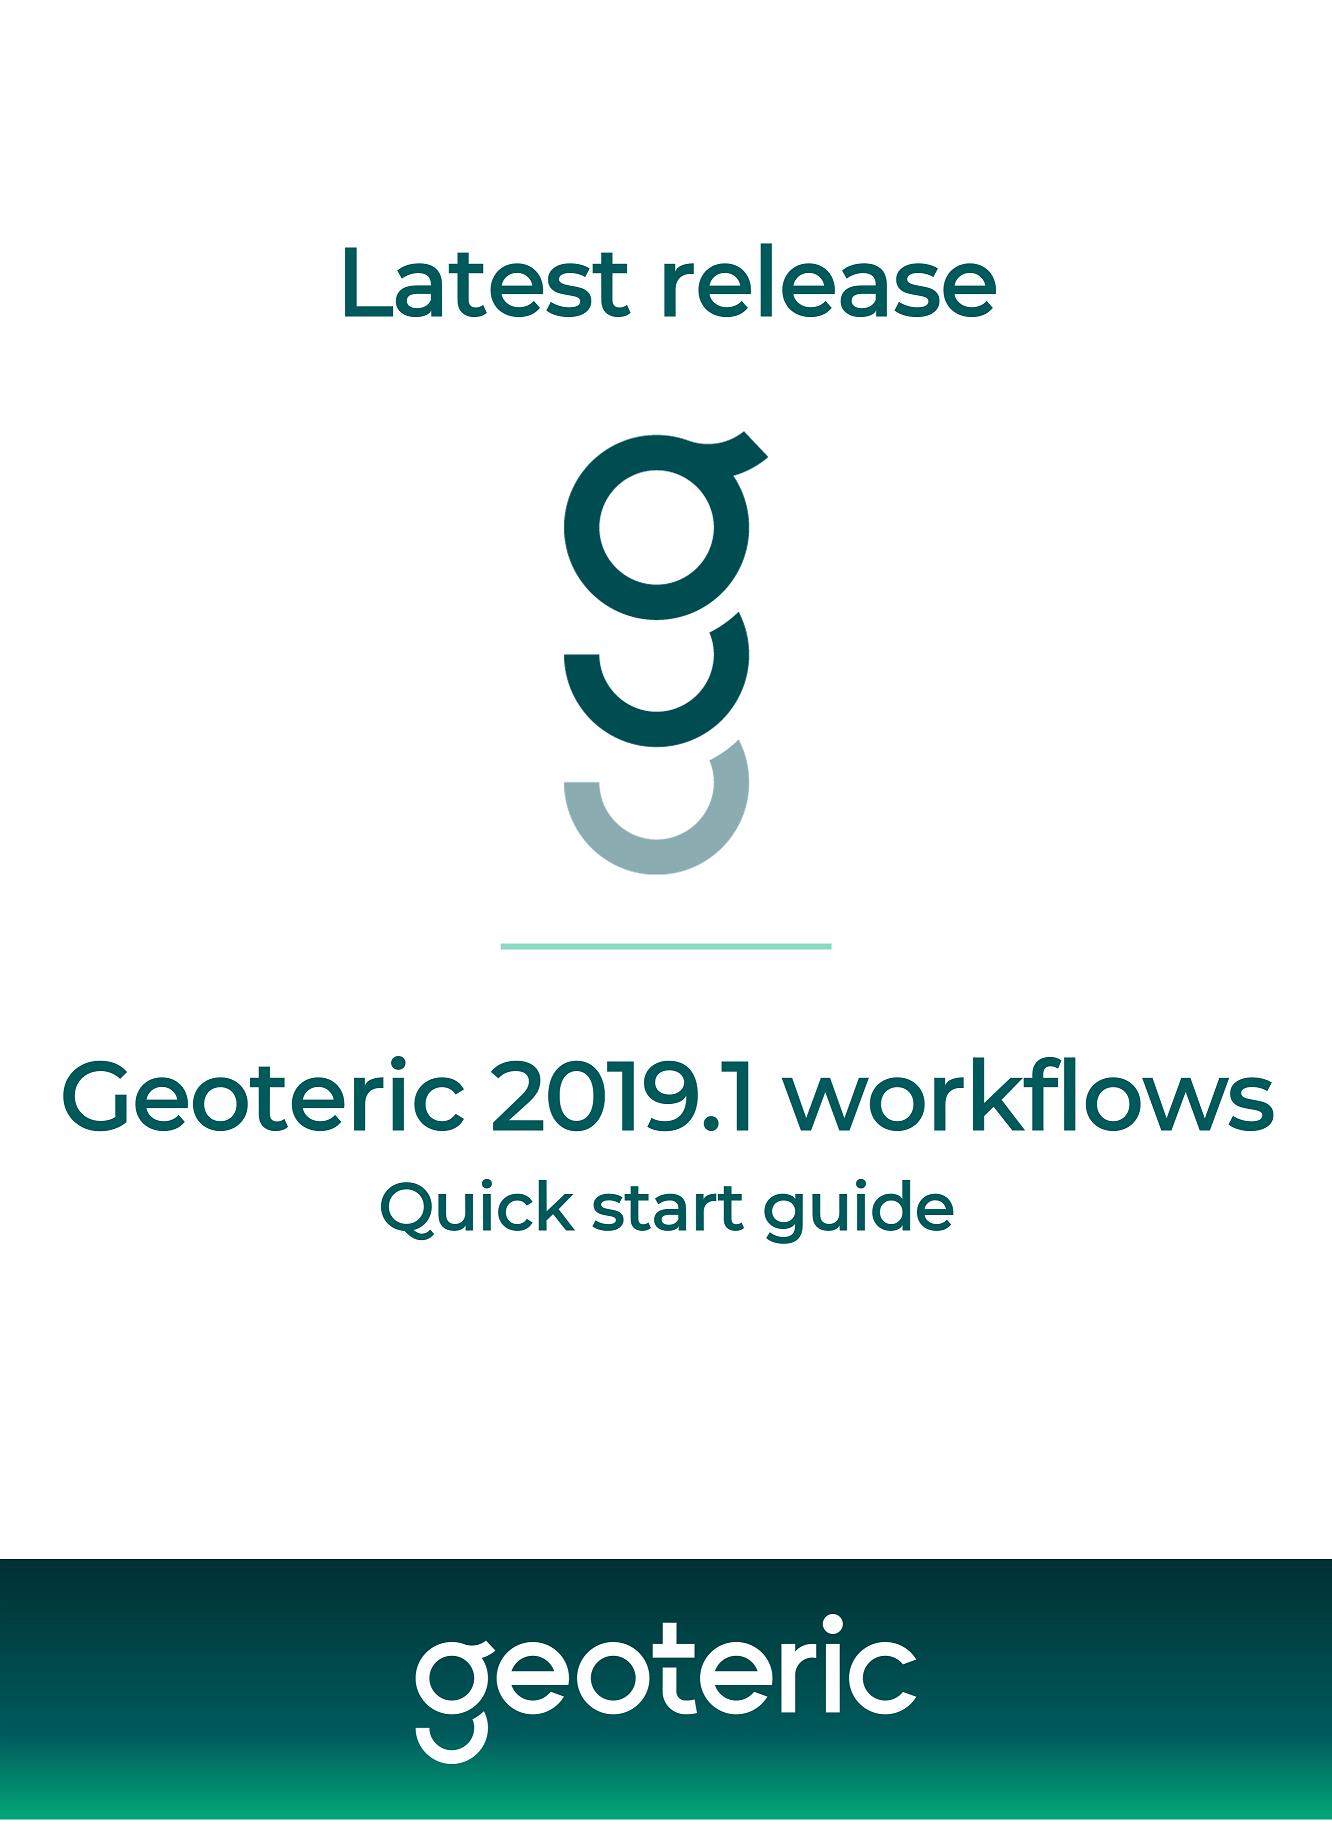 19.1 workflows